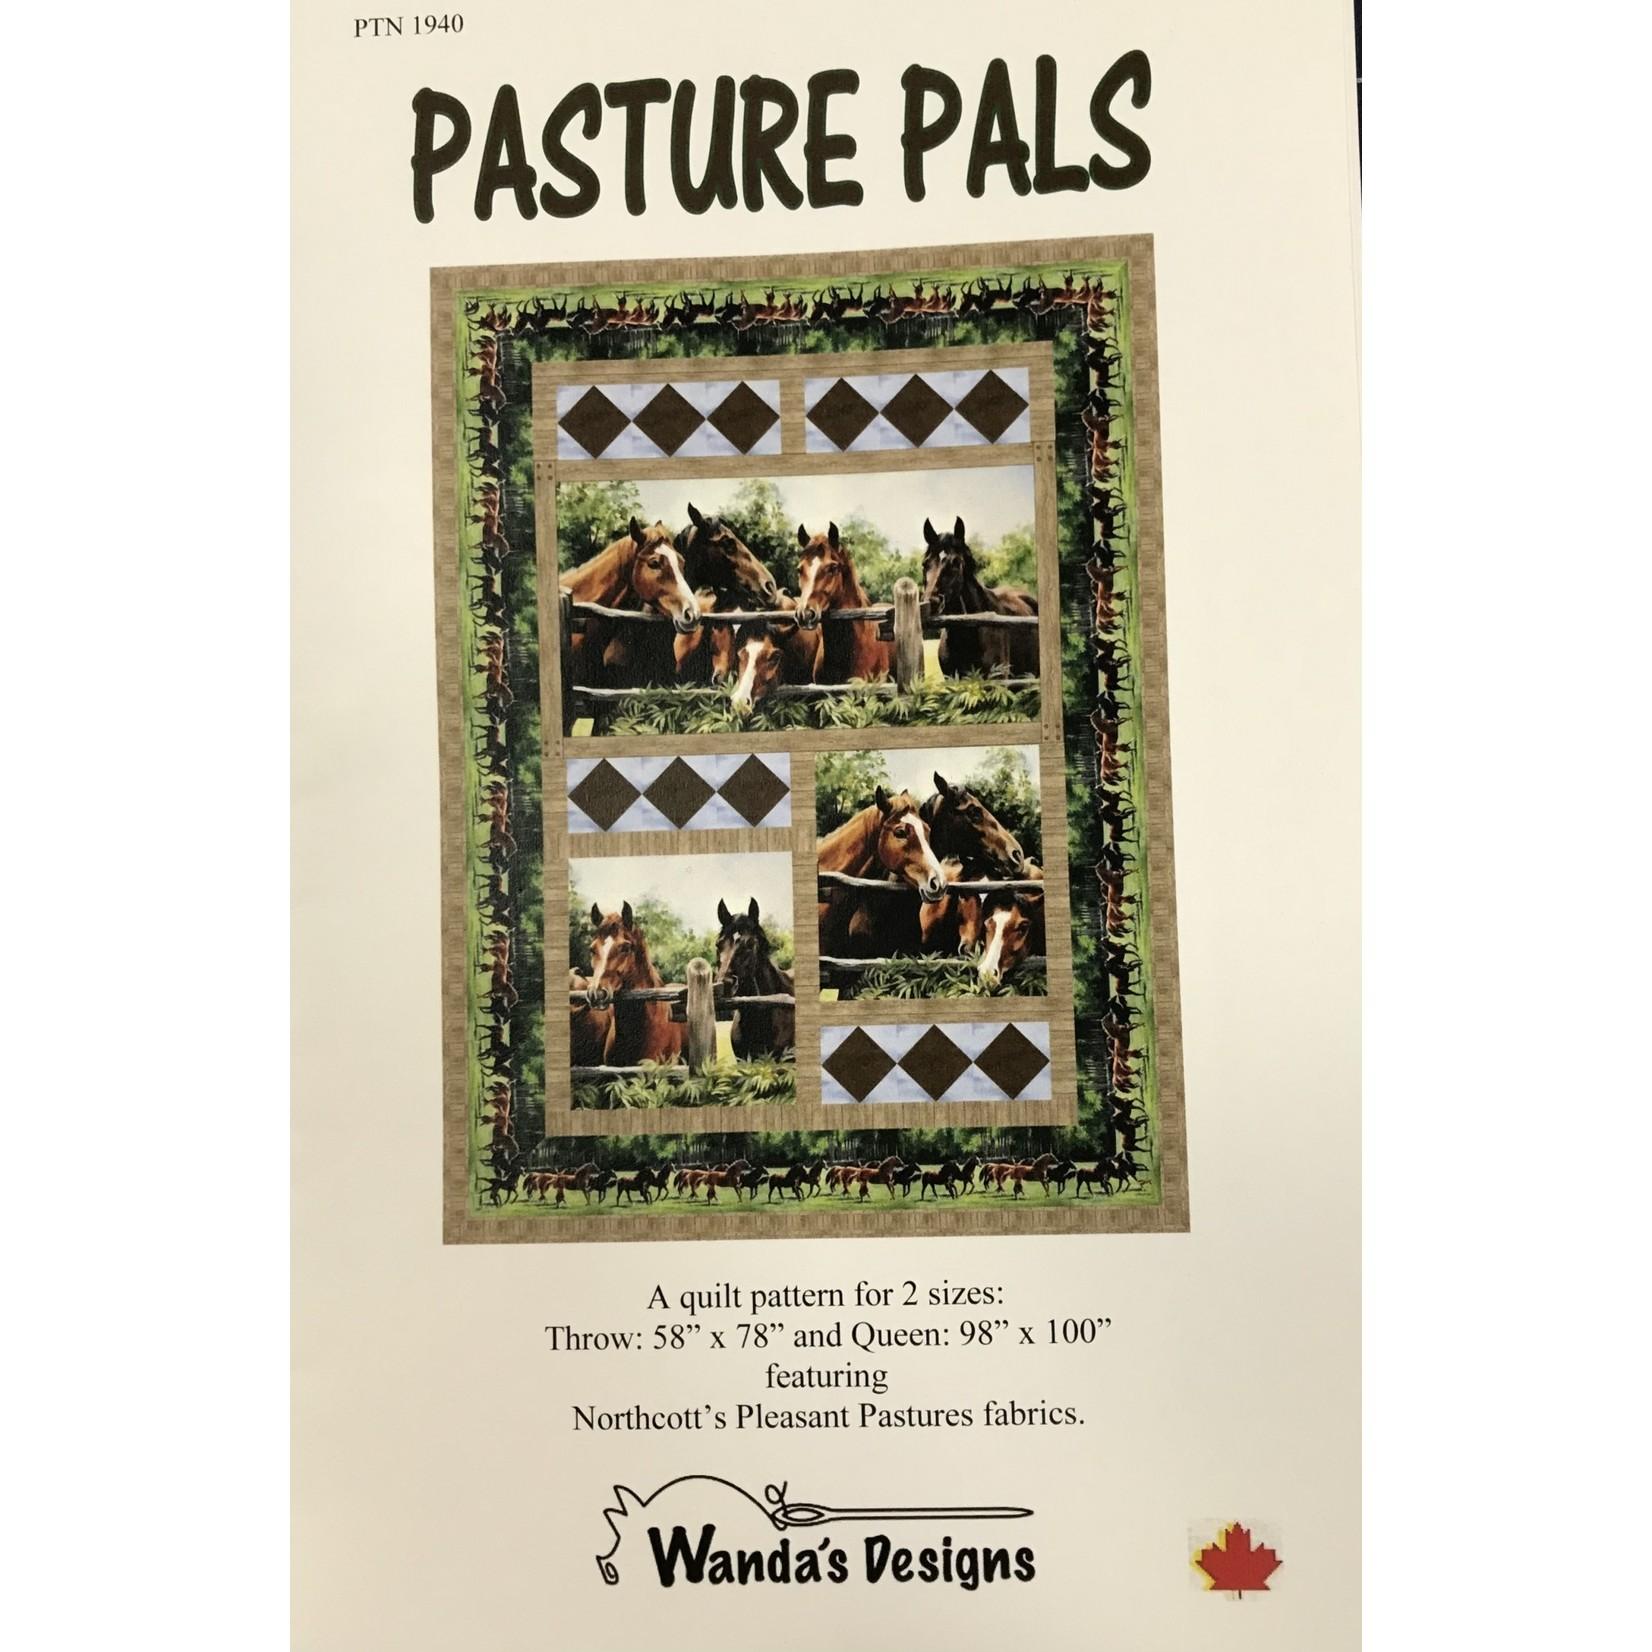 WANDA DESIGNS PASTURE PALS PATTERN